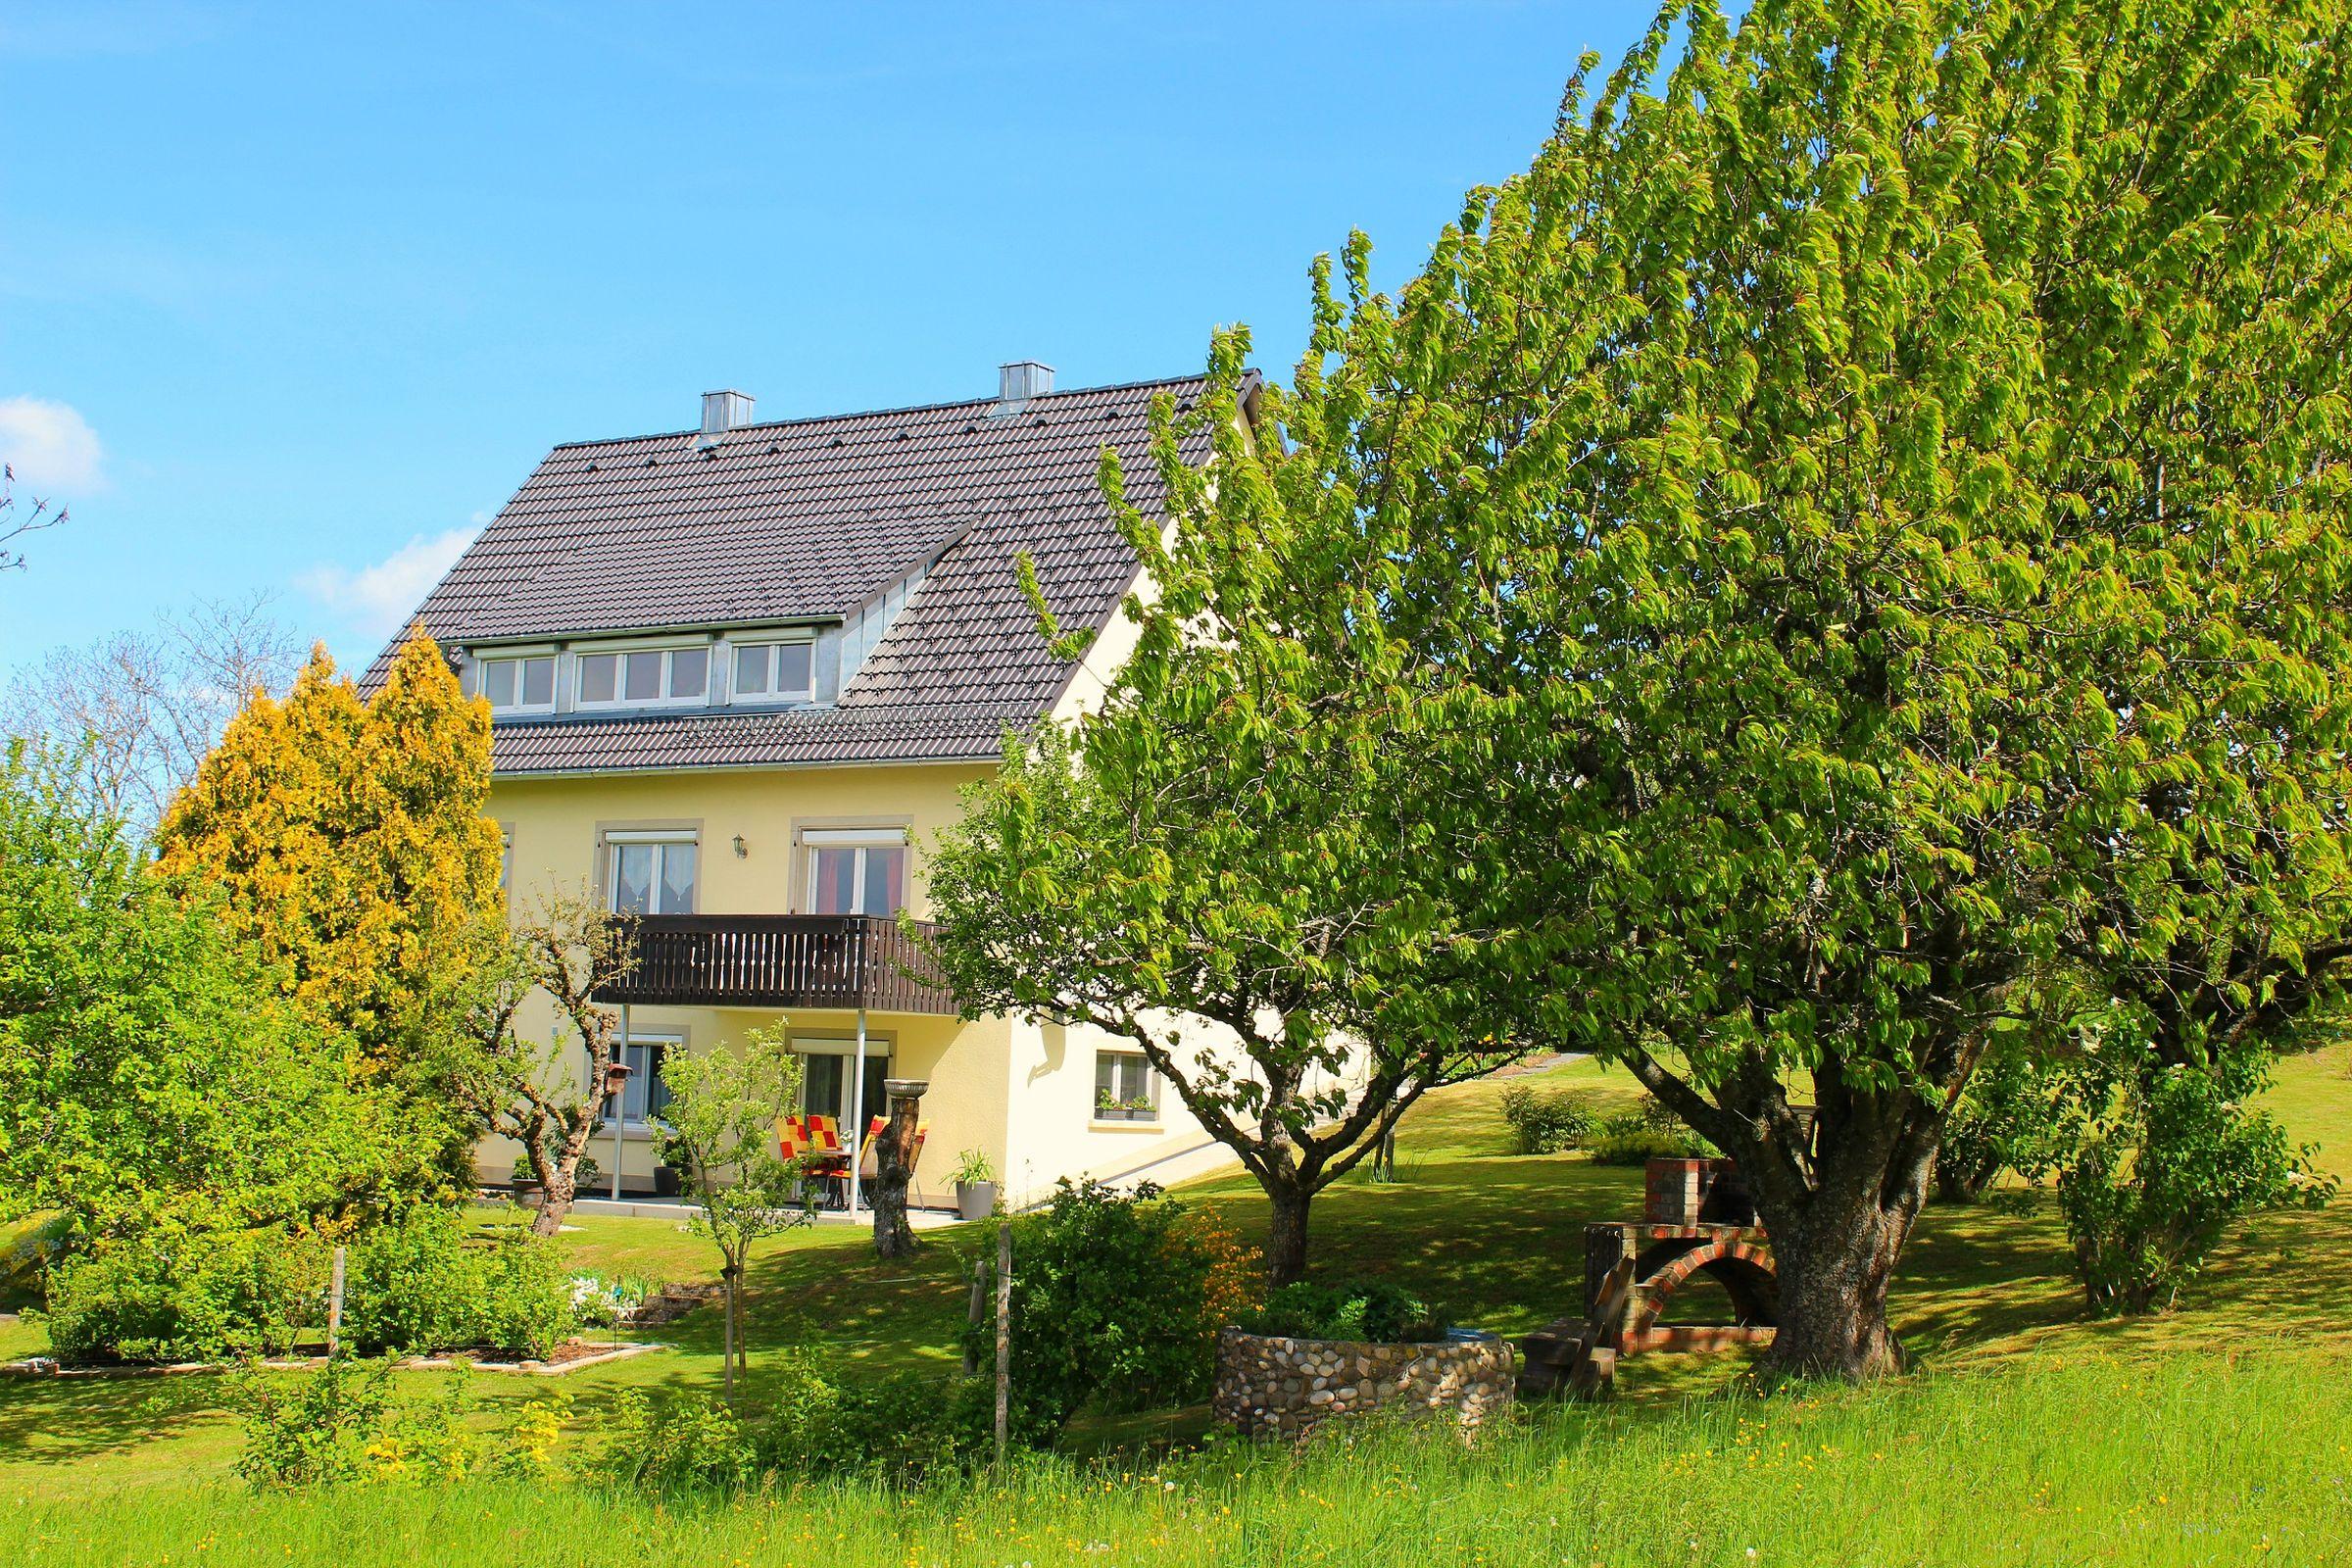 Ferienwohnung Panoramablick, (Horben). Nichtraucher-49qm, 1 Schlafraum, 1 Wohn-/Schlafraum, max. 3 Perso (2717405), Horben, Schwarzwald, Baden-Württemberg, Deutschland, Bild 3